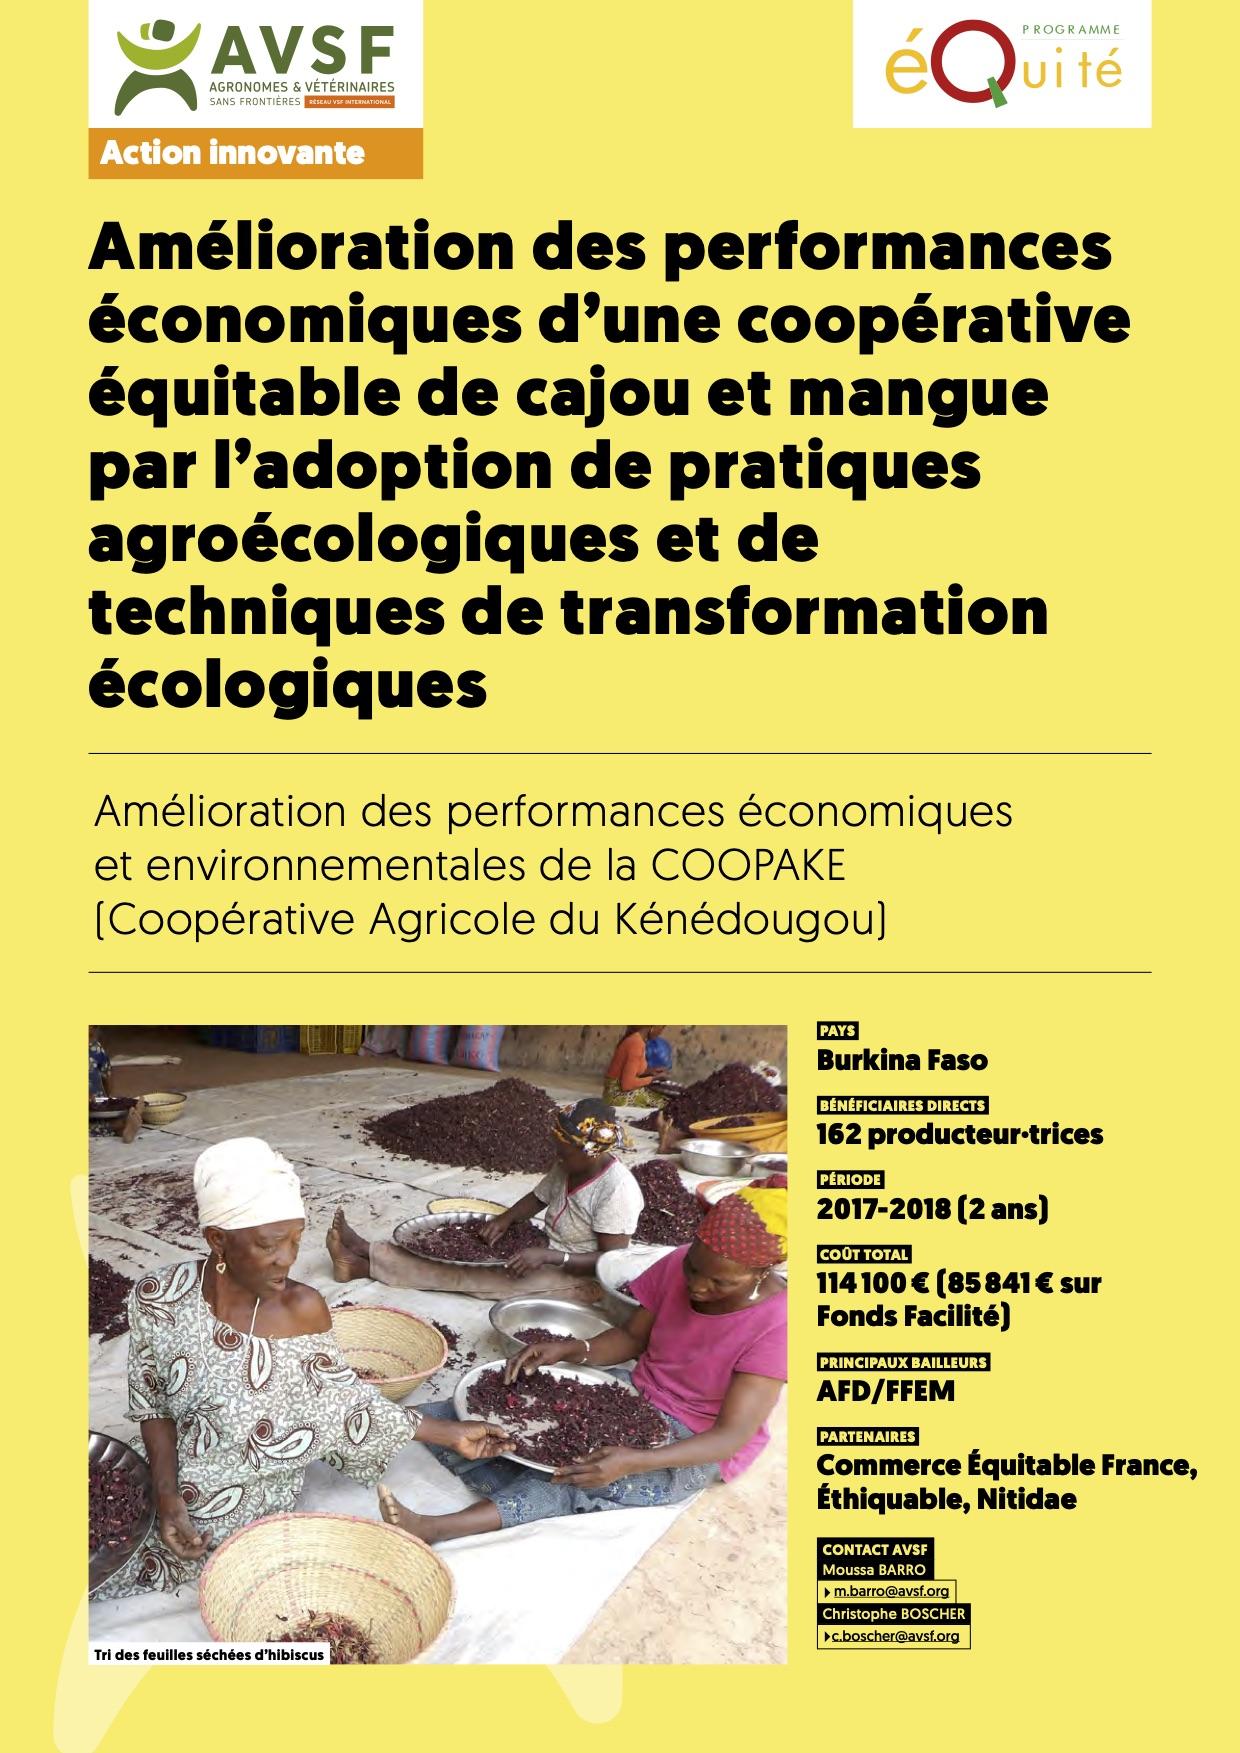 Les actions innovantes d'AVSF: commerce équitable et production agroéoclogique paysanne de cajou et mangue au Burkina Faso  Image principale